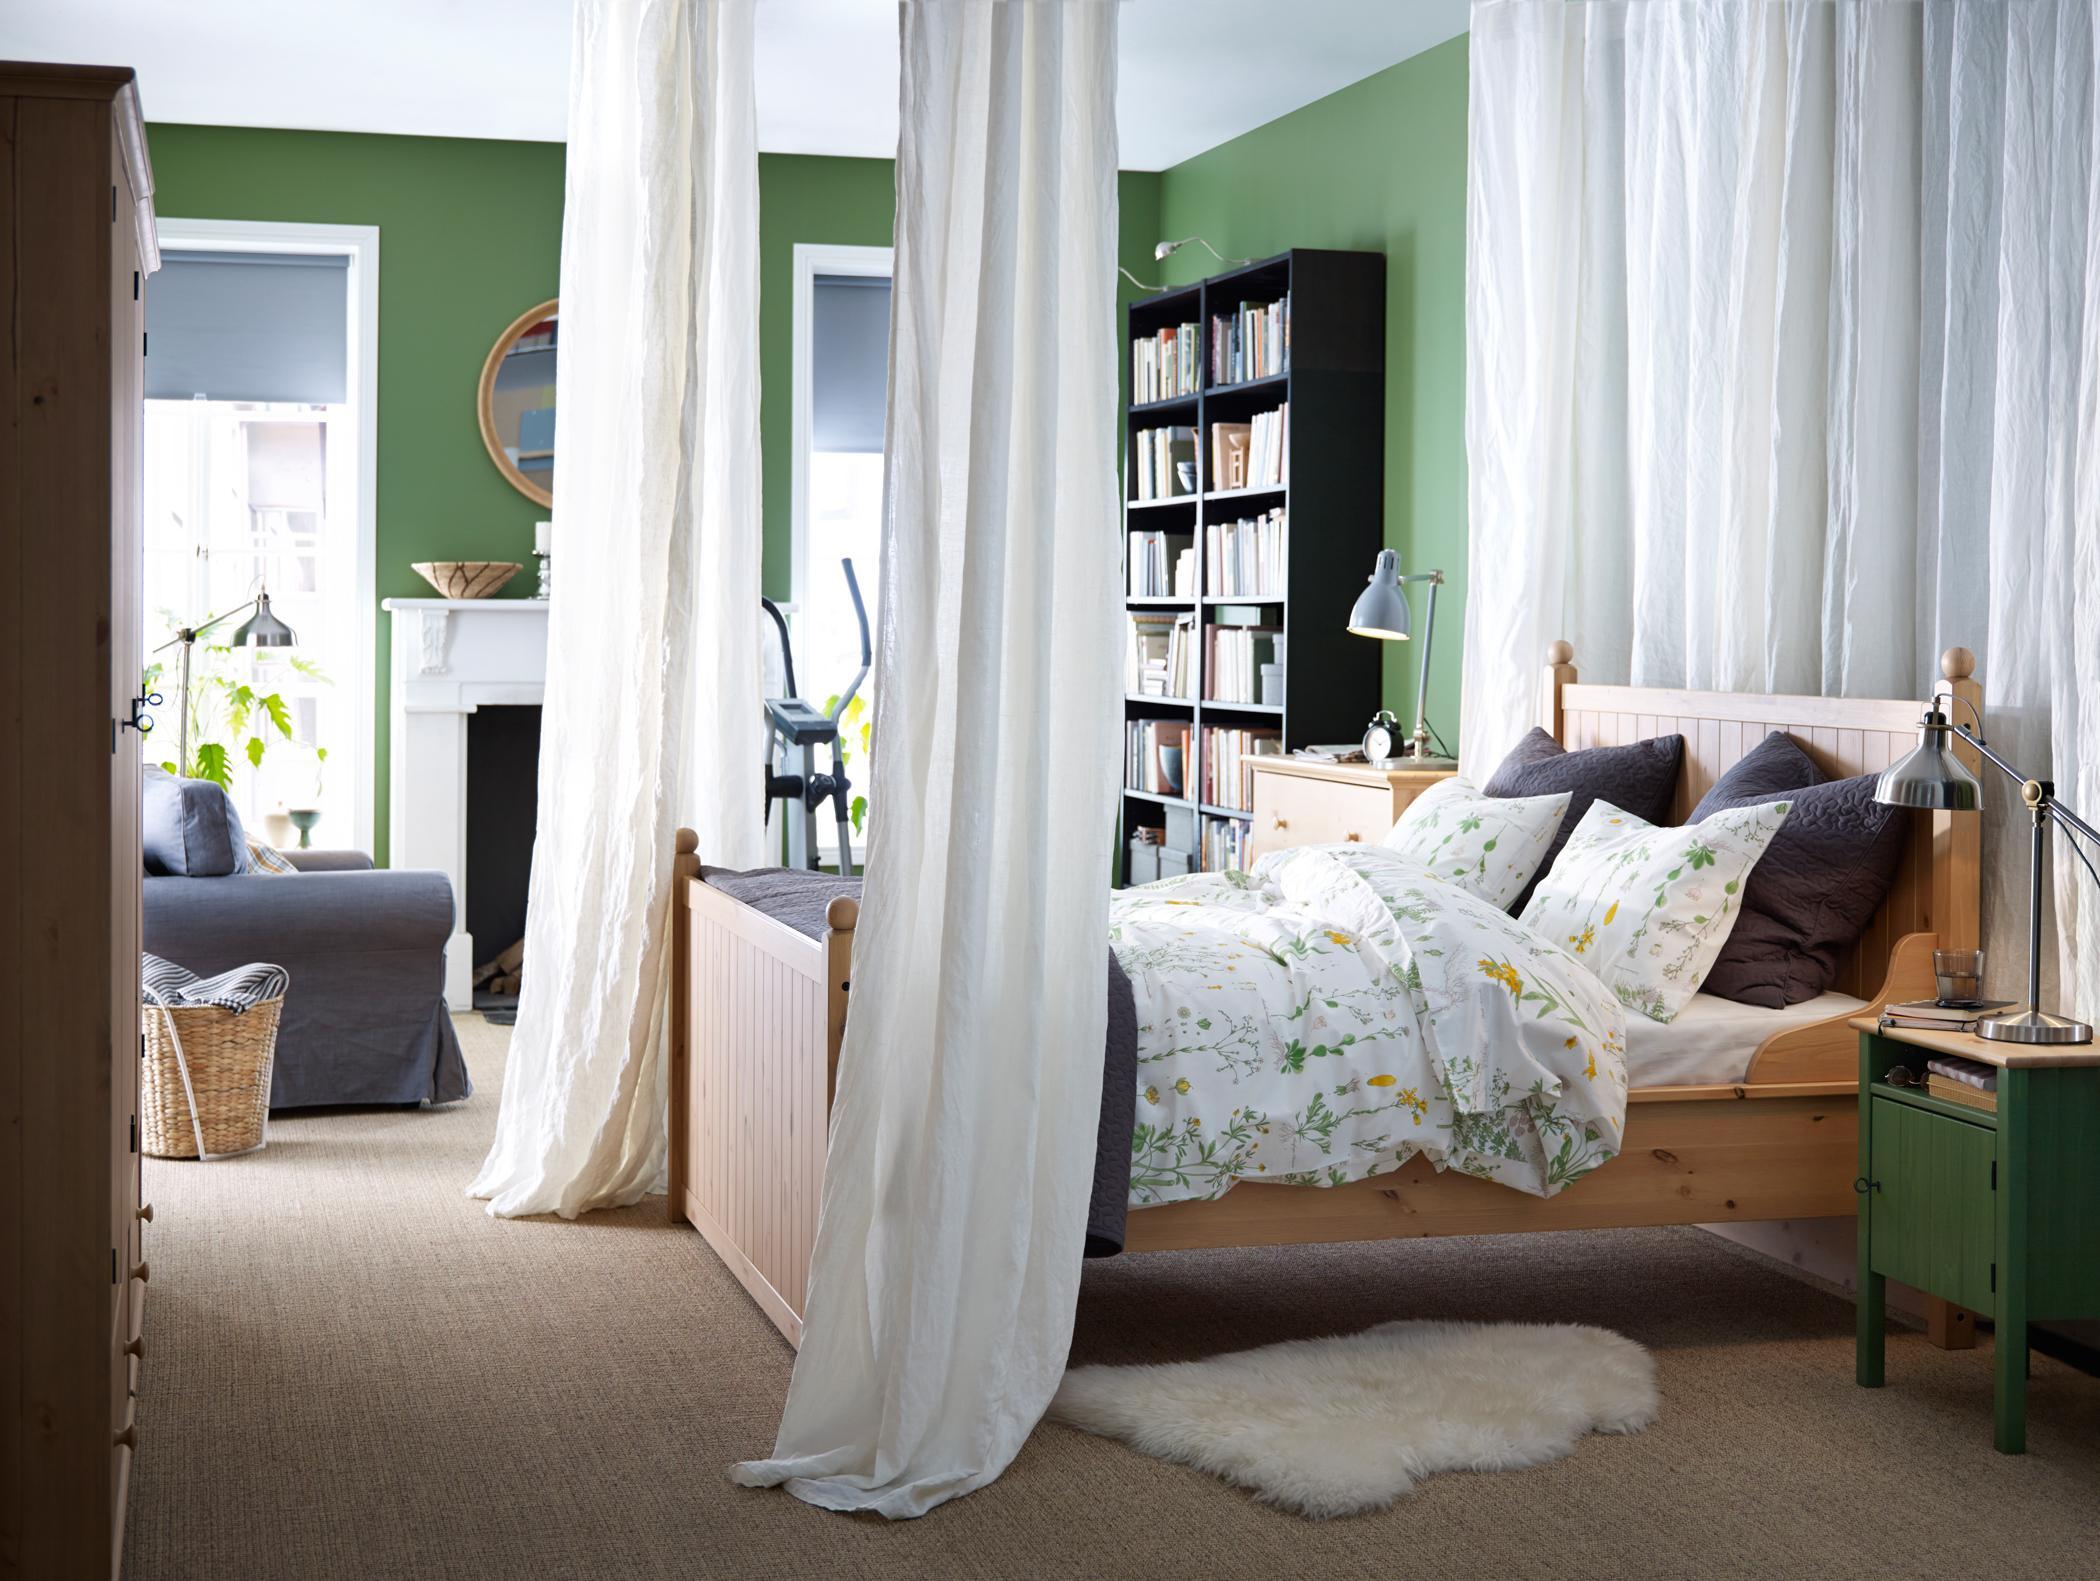 Romantisches himmelbett  Himmelbett • Bilder & Ideen • COUCHstyle